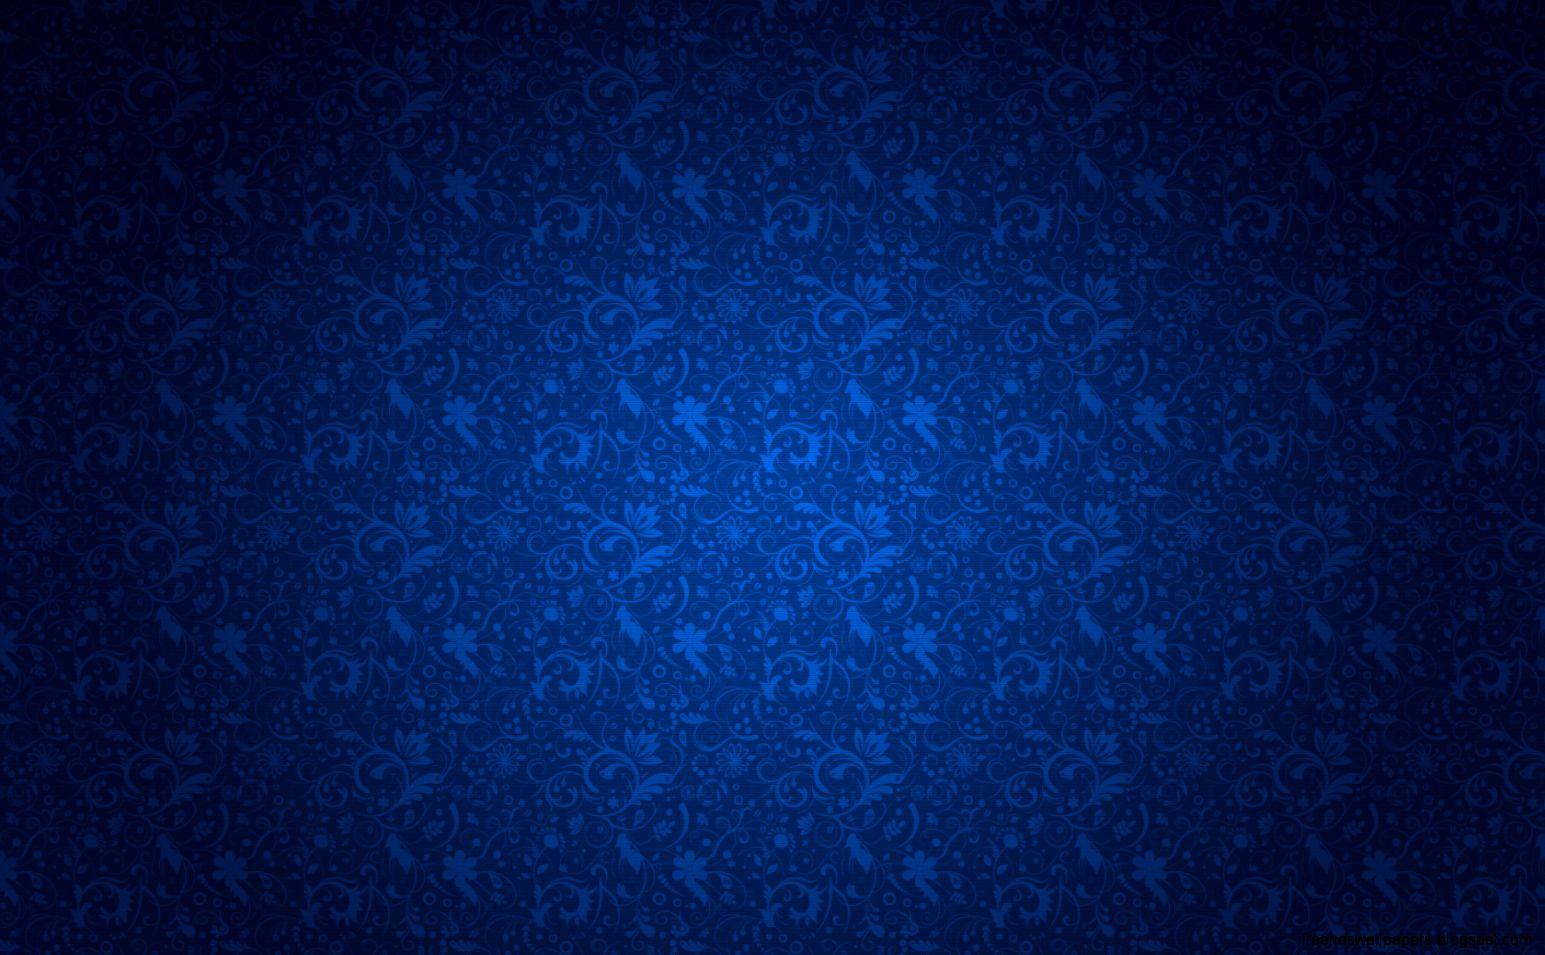 Navy Blue Hd Wallpaper Popular Desktop Wallpaper